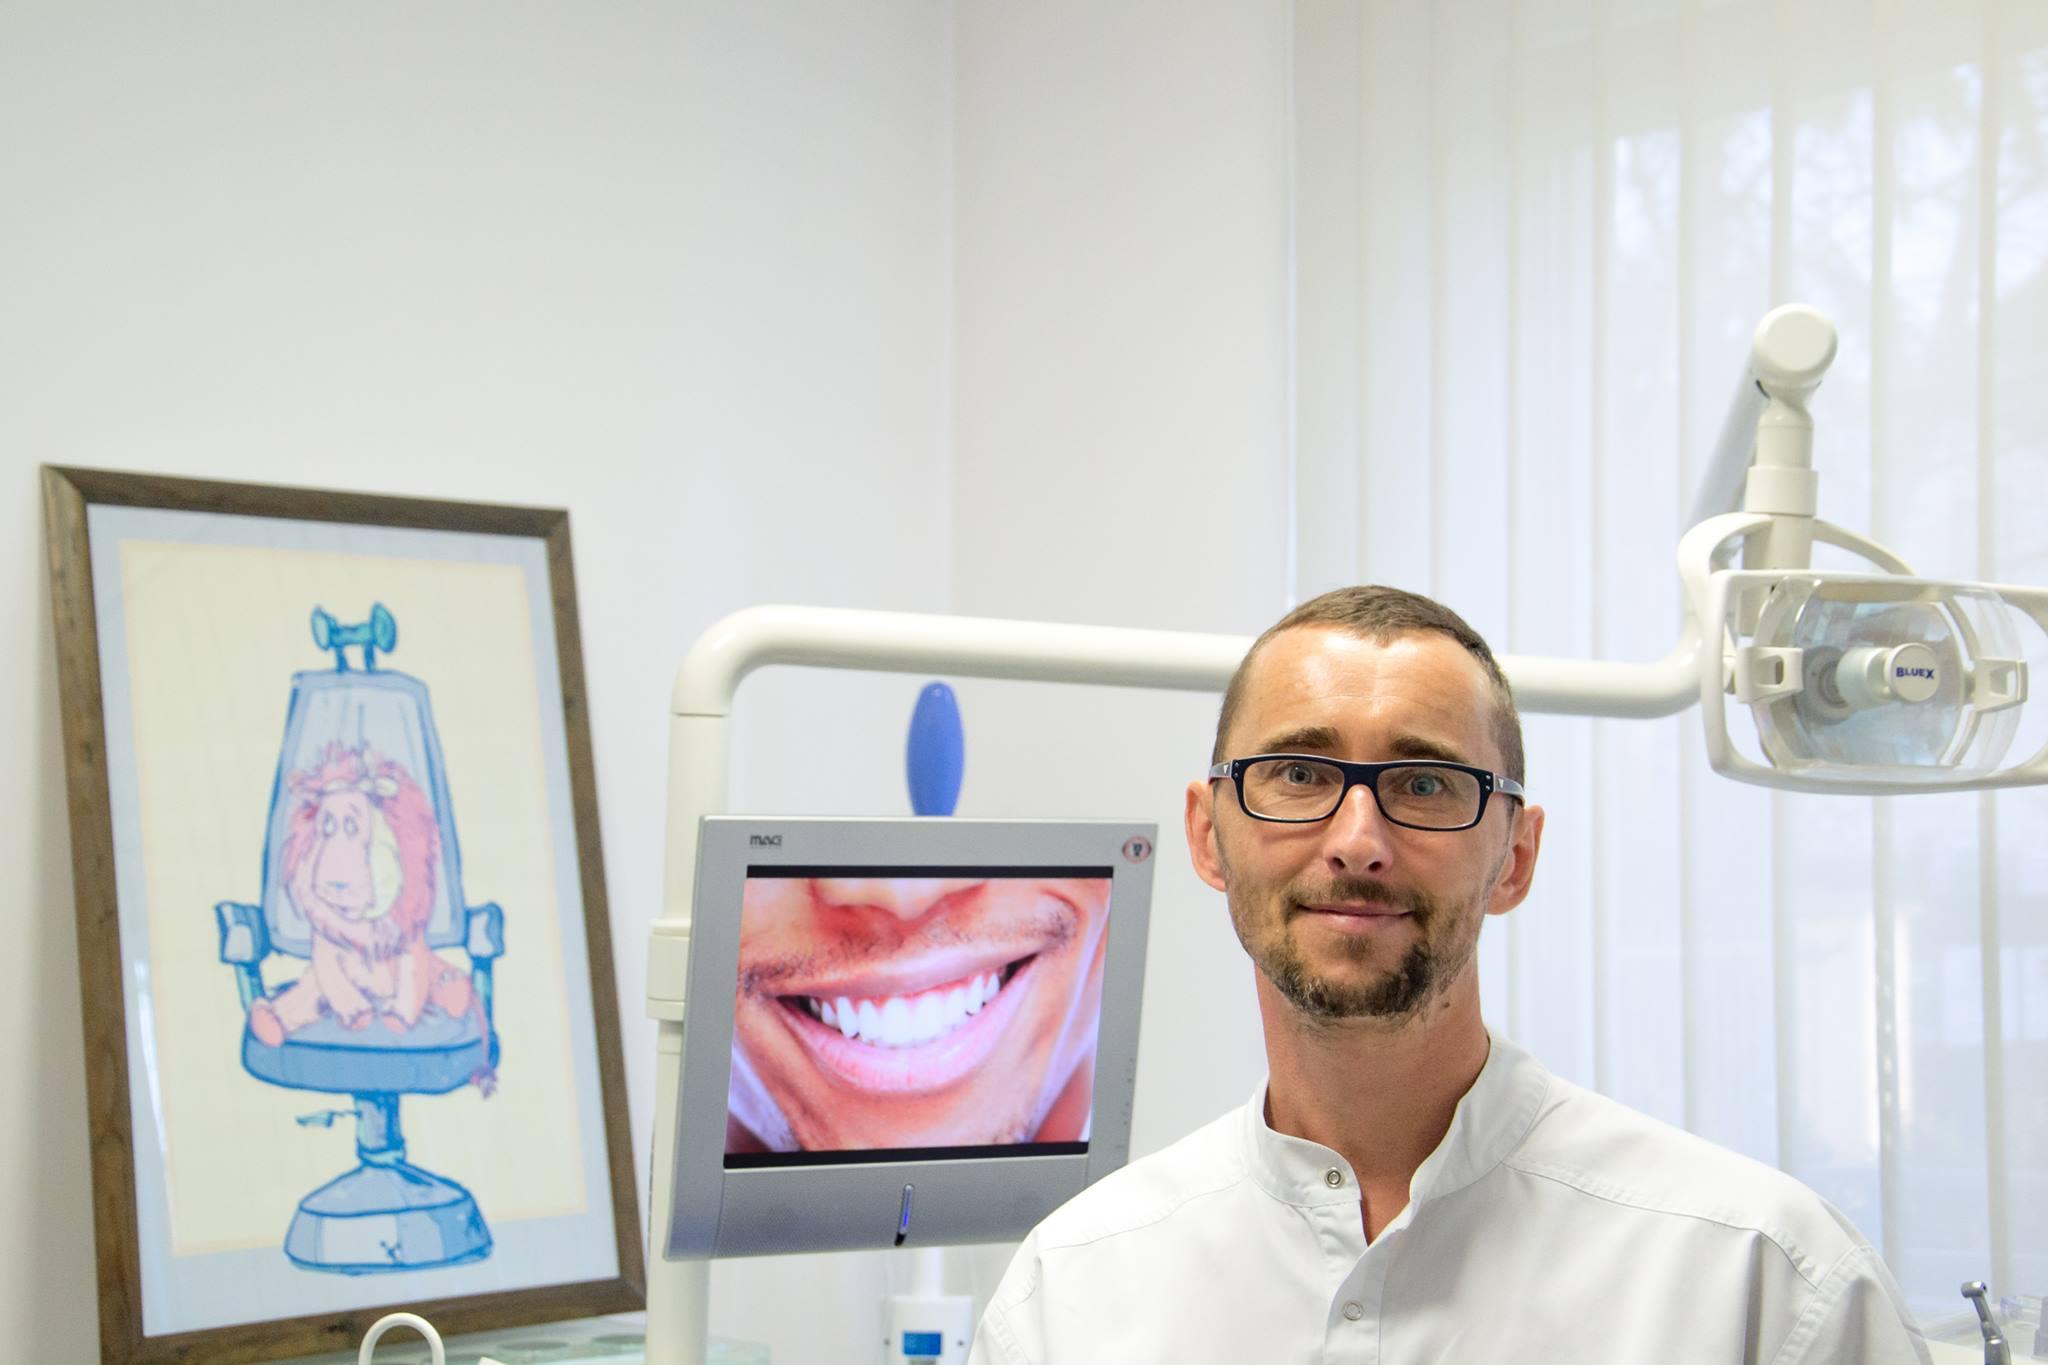 Doktor Budrewicz